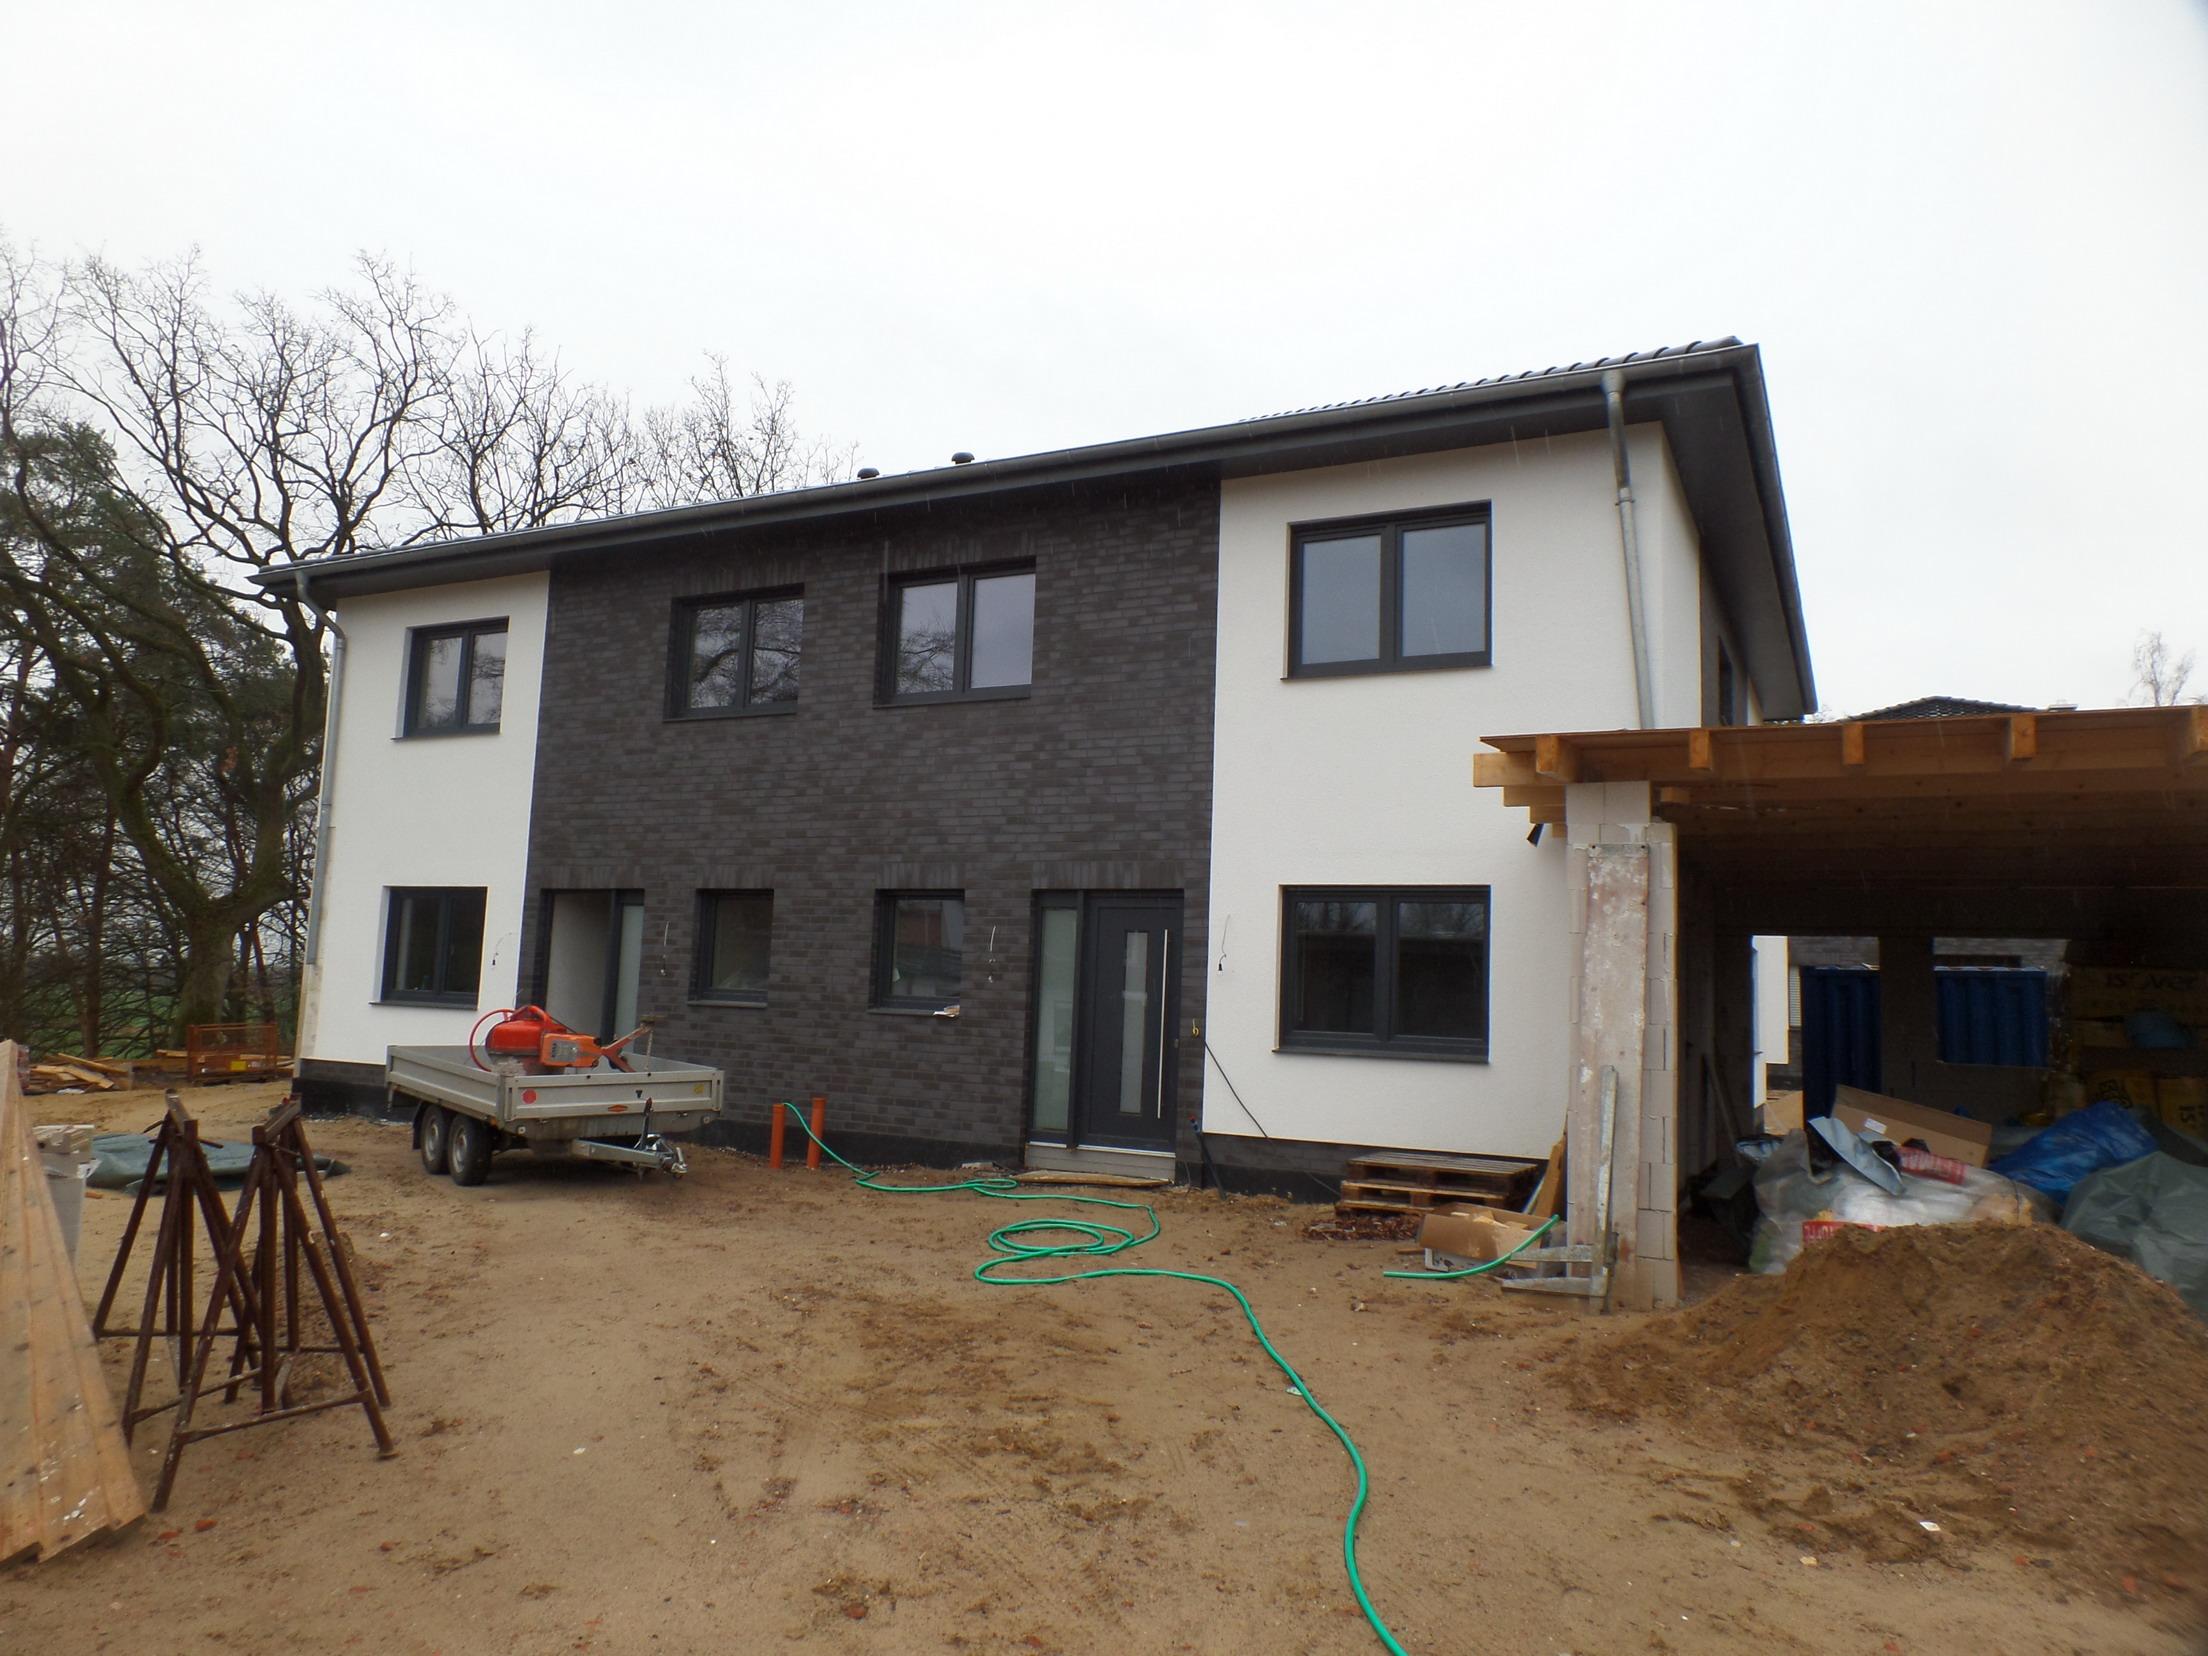 Hervorragend Neubau DHH groß , schick , hochwertig , gute Wohnlage RZ32